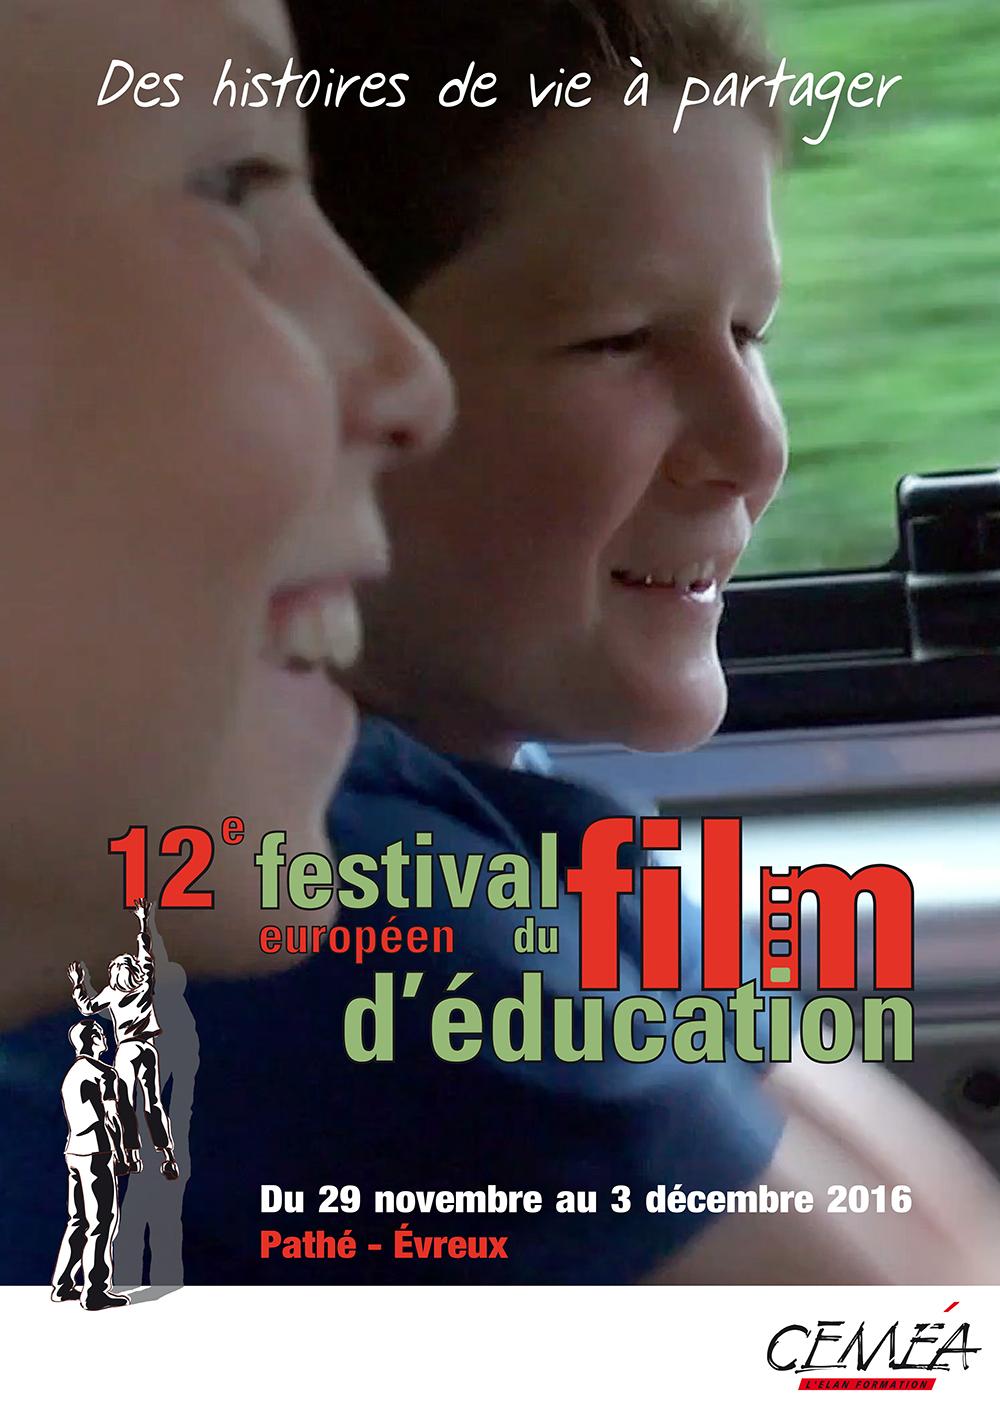 Festival européen du film d'éducation